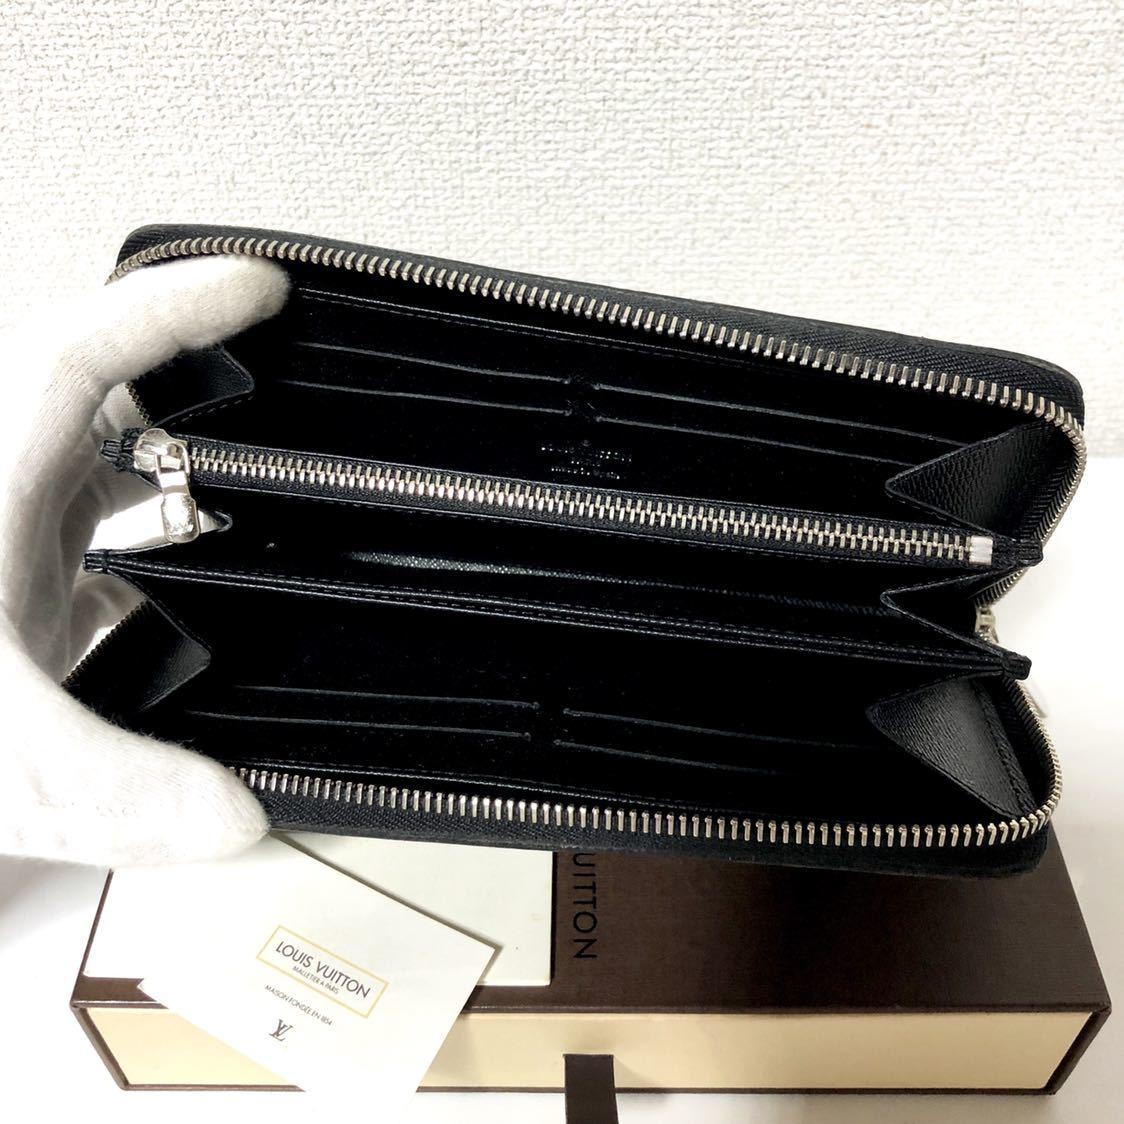 92★超極美品★ルイヴィトン★ジップ 長財布 ジッピー エピ★正規品★_画像3